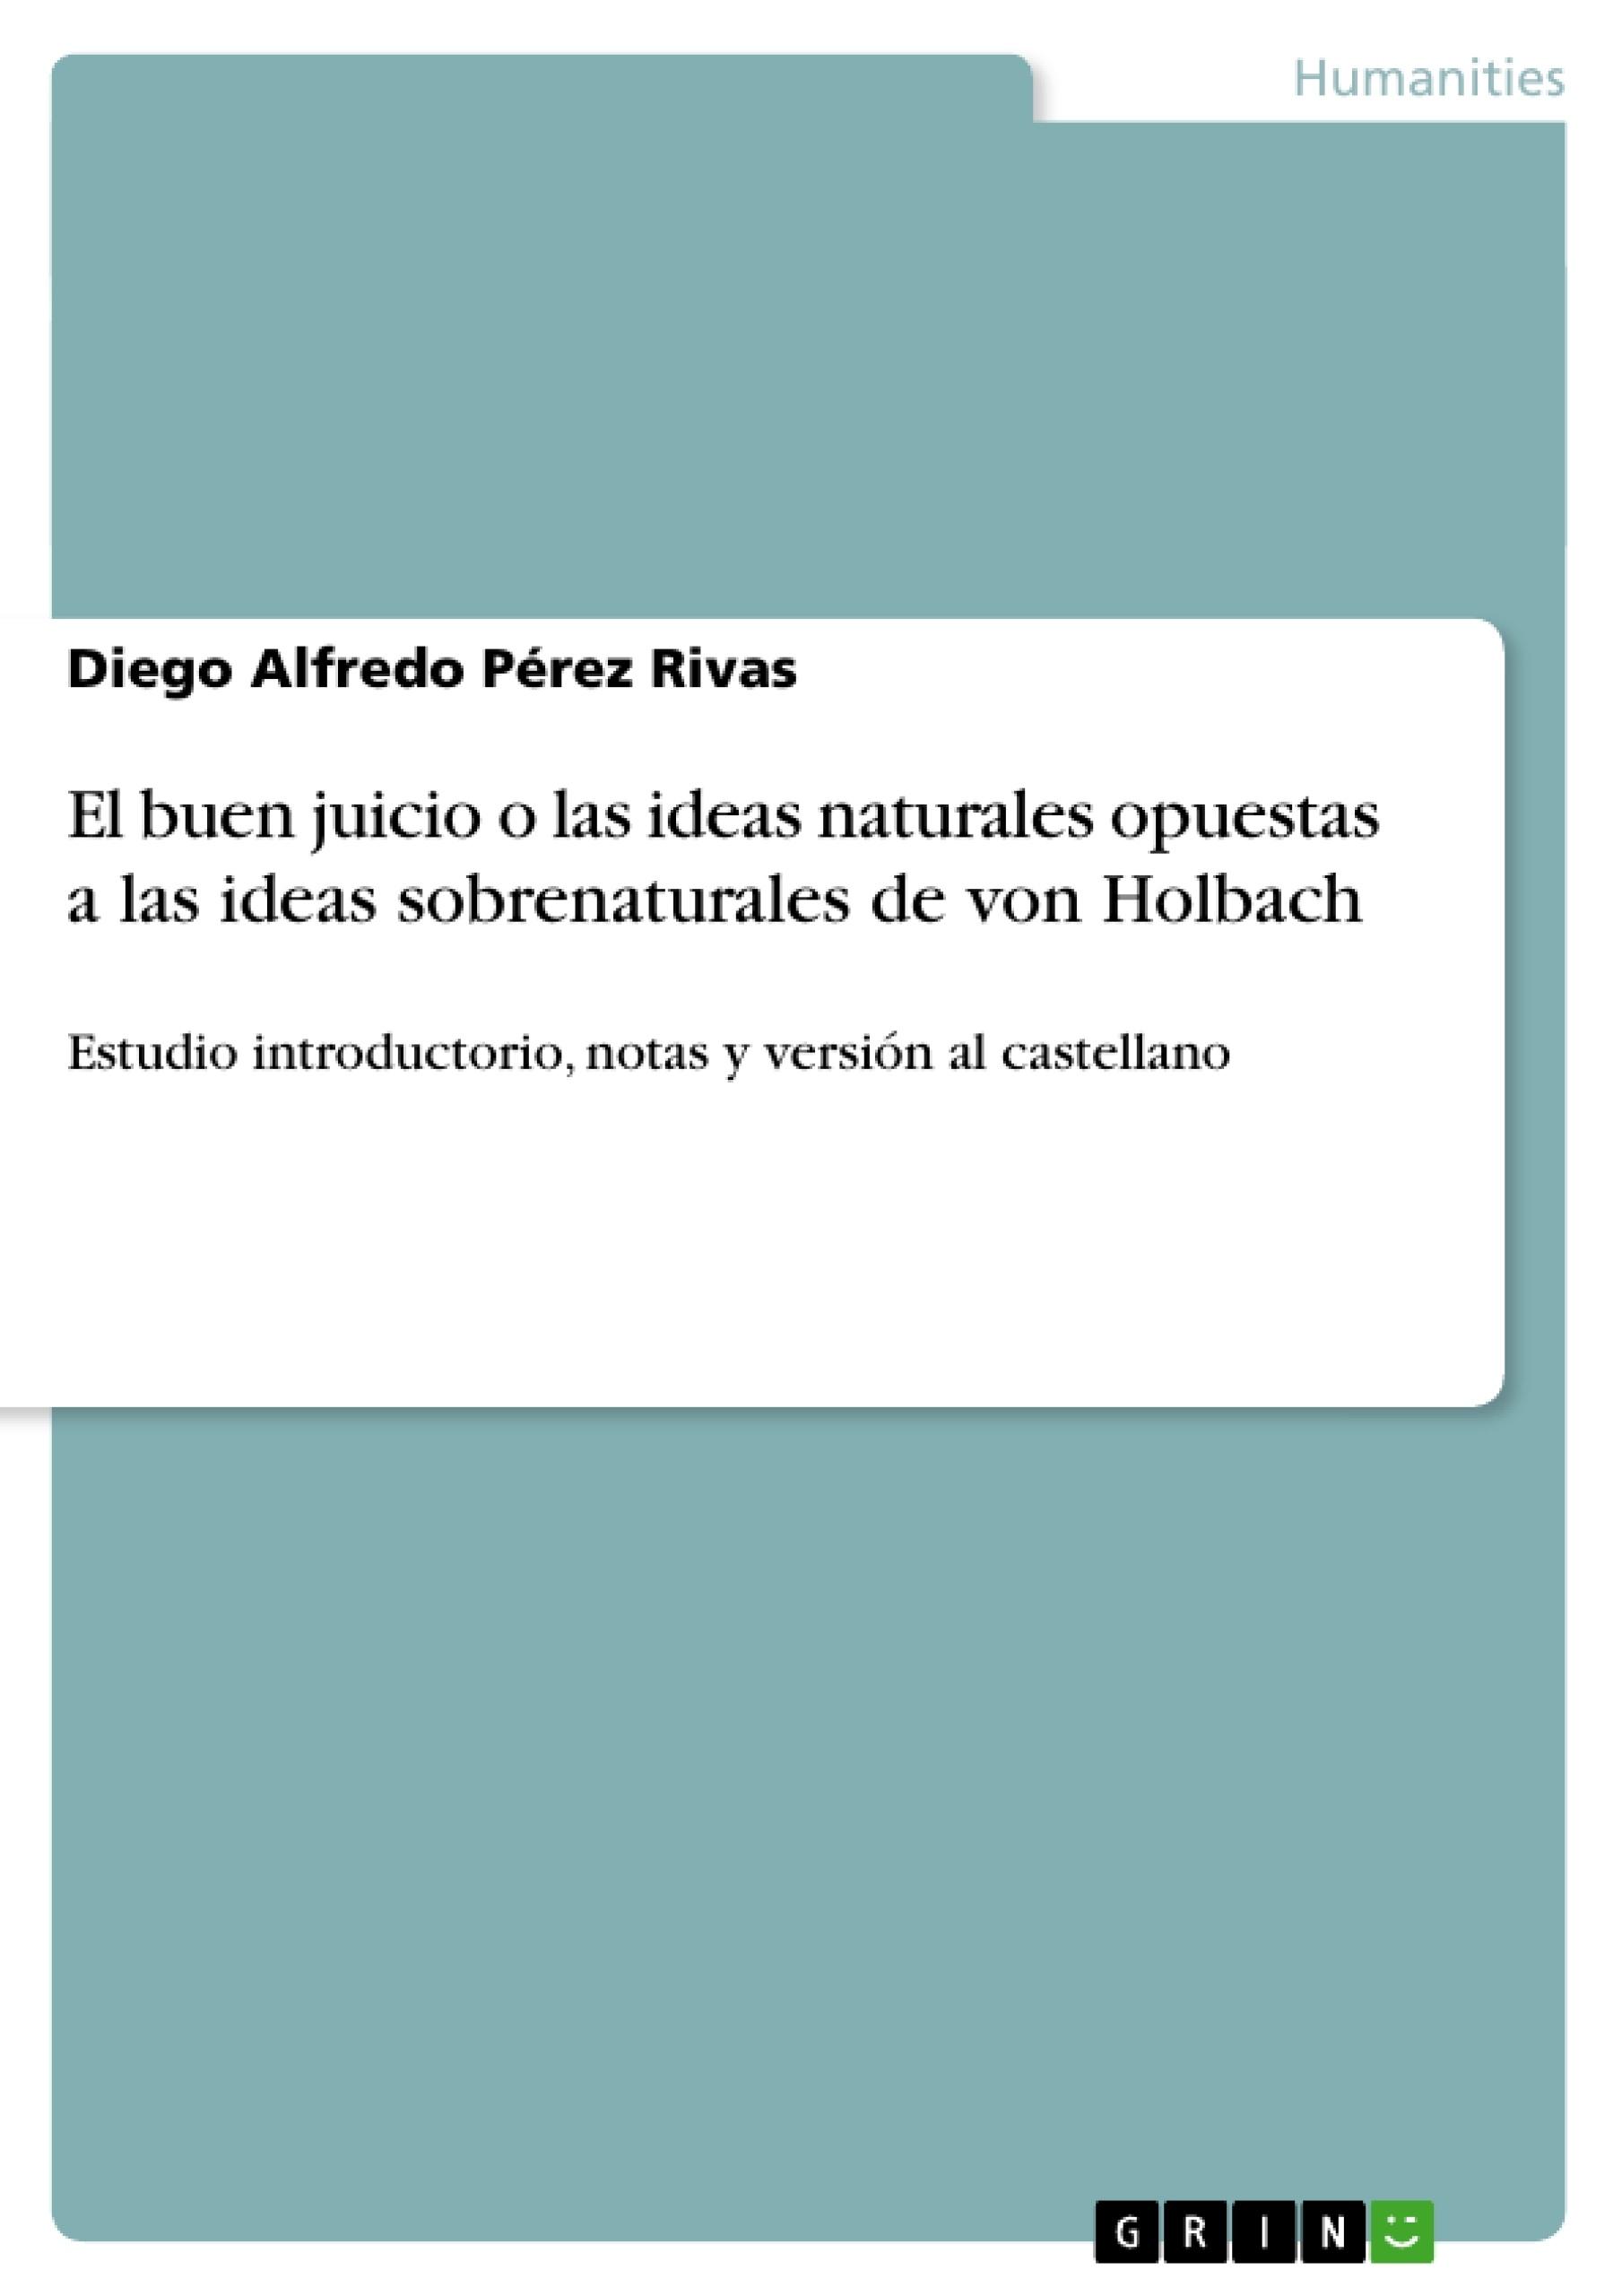 Título: El buen juicio o las ideas naturales opuestas a las ideas sobrenaturales de von Holbach